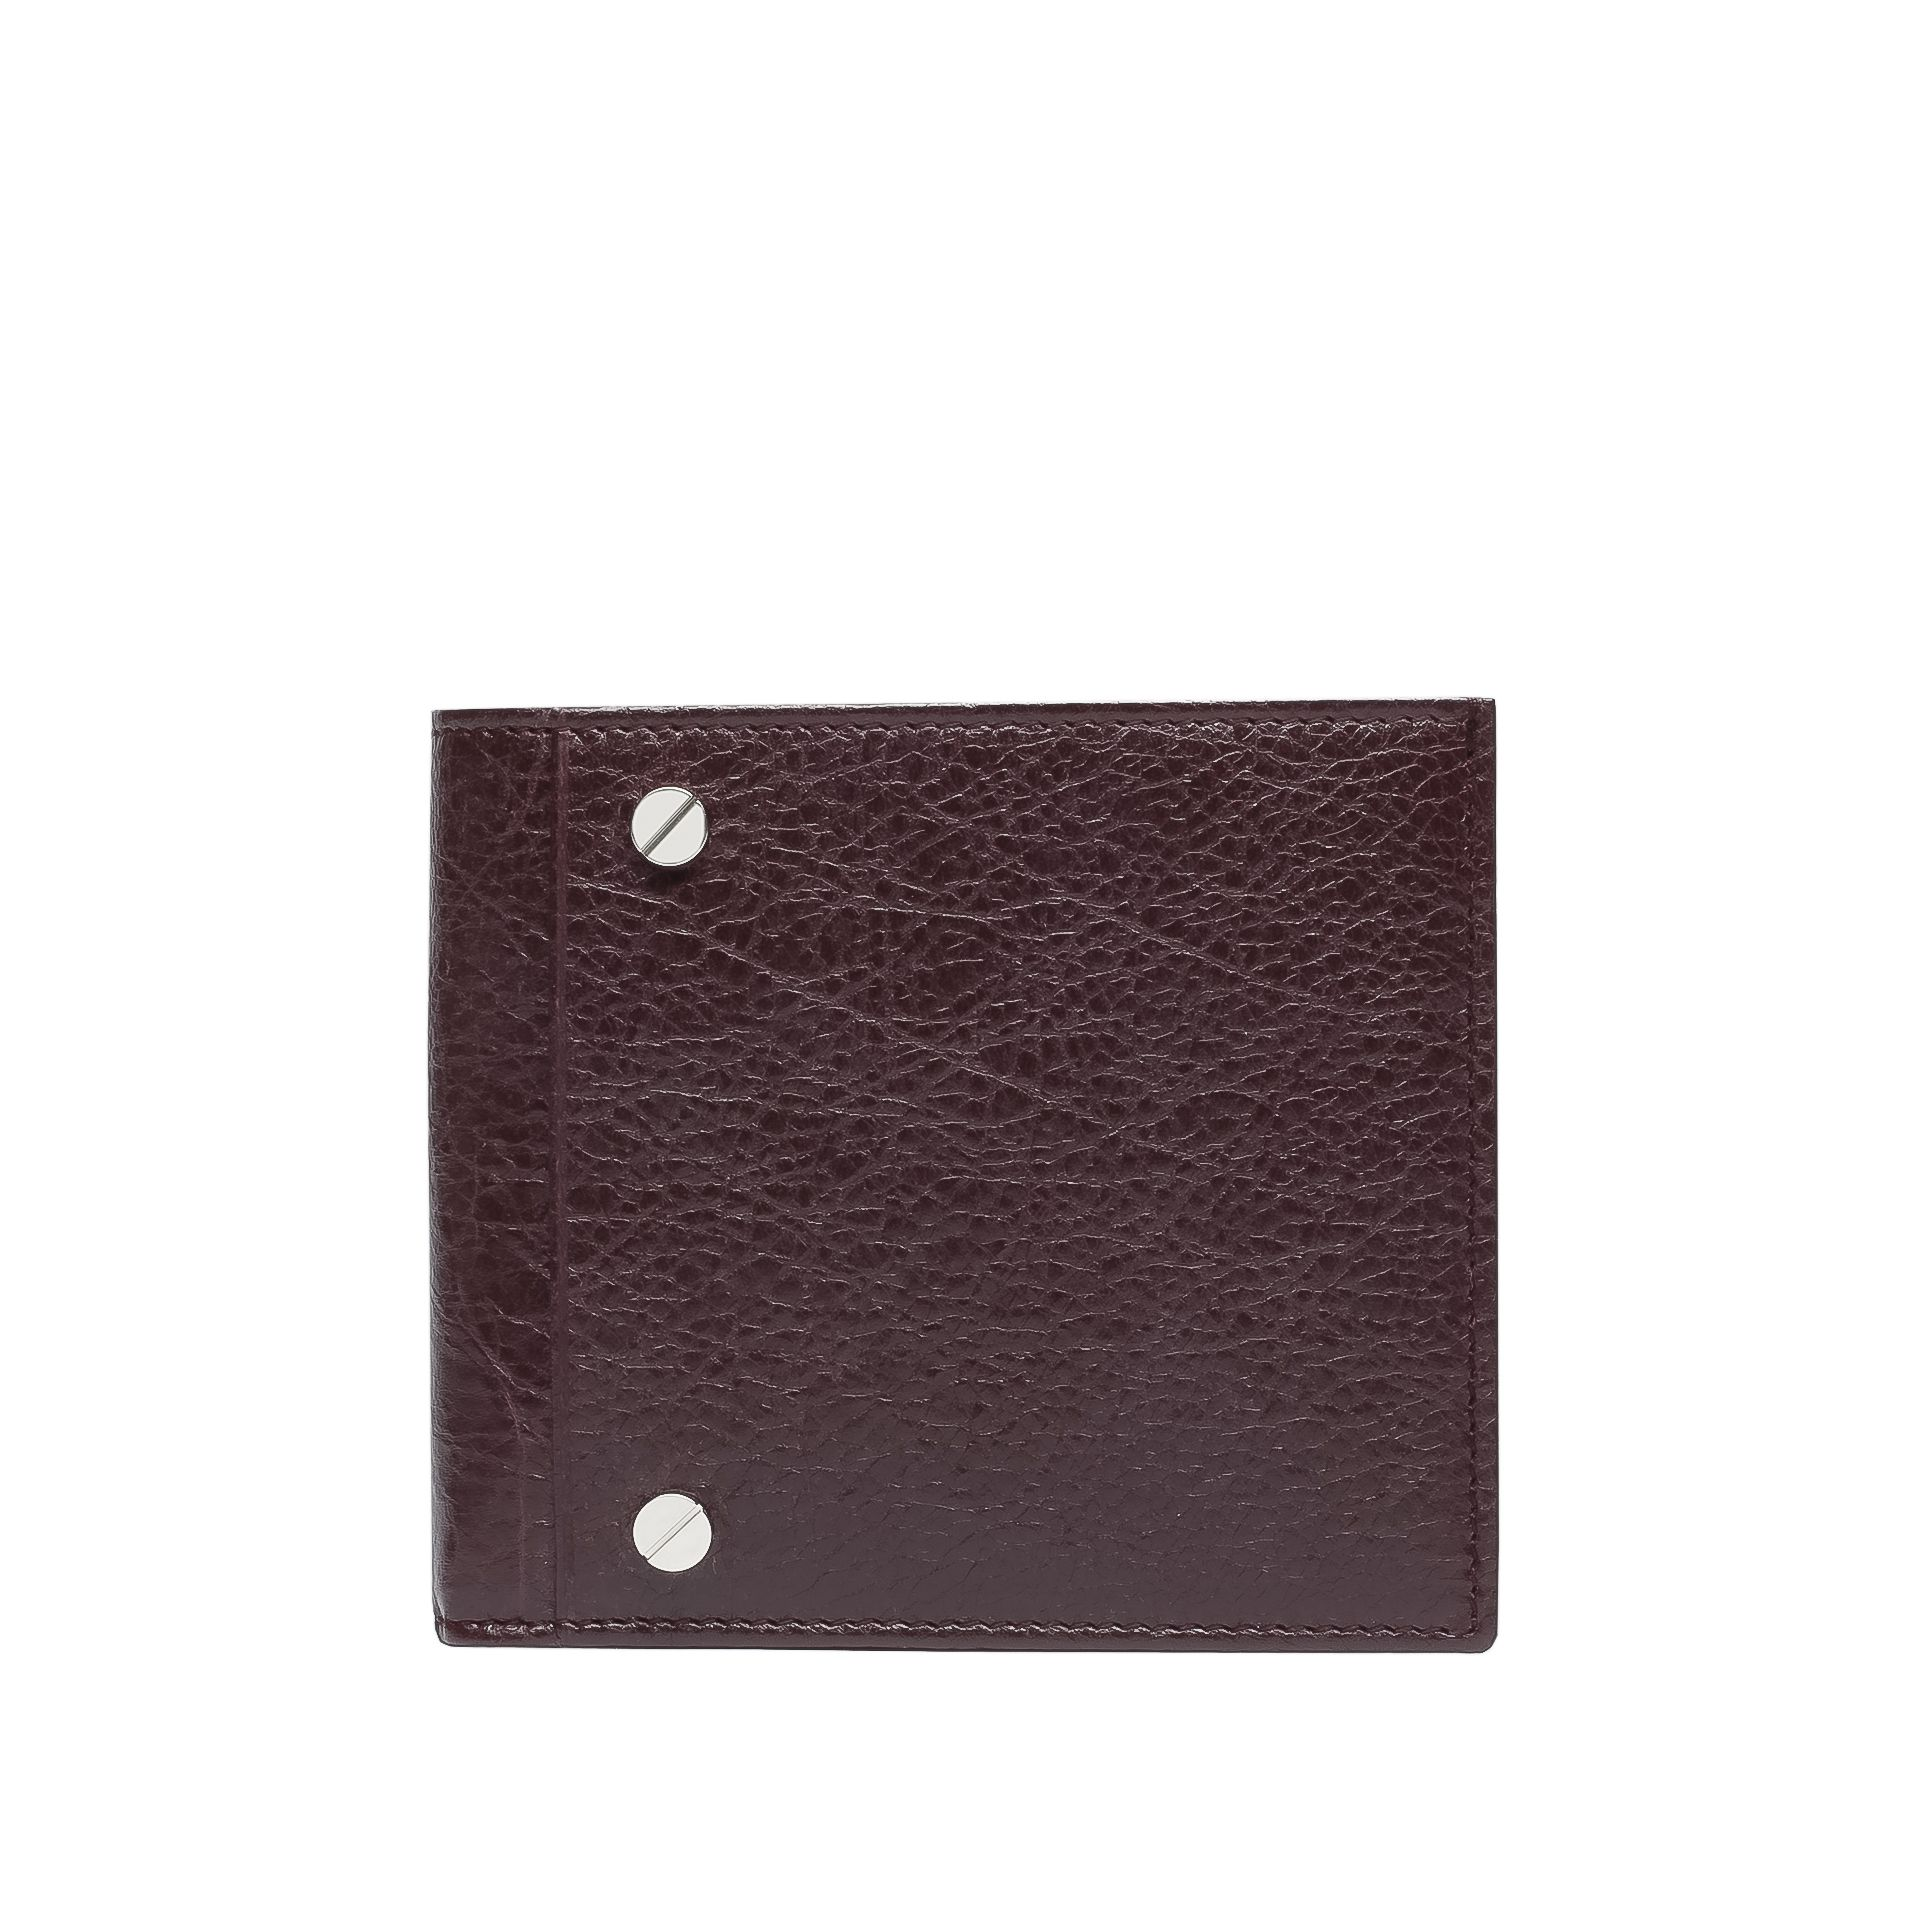 BALENCIAGA Balenciaga Square Coin Wallet Portefeuilles U f